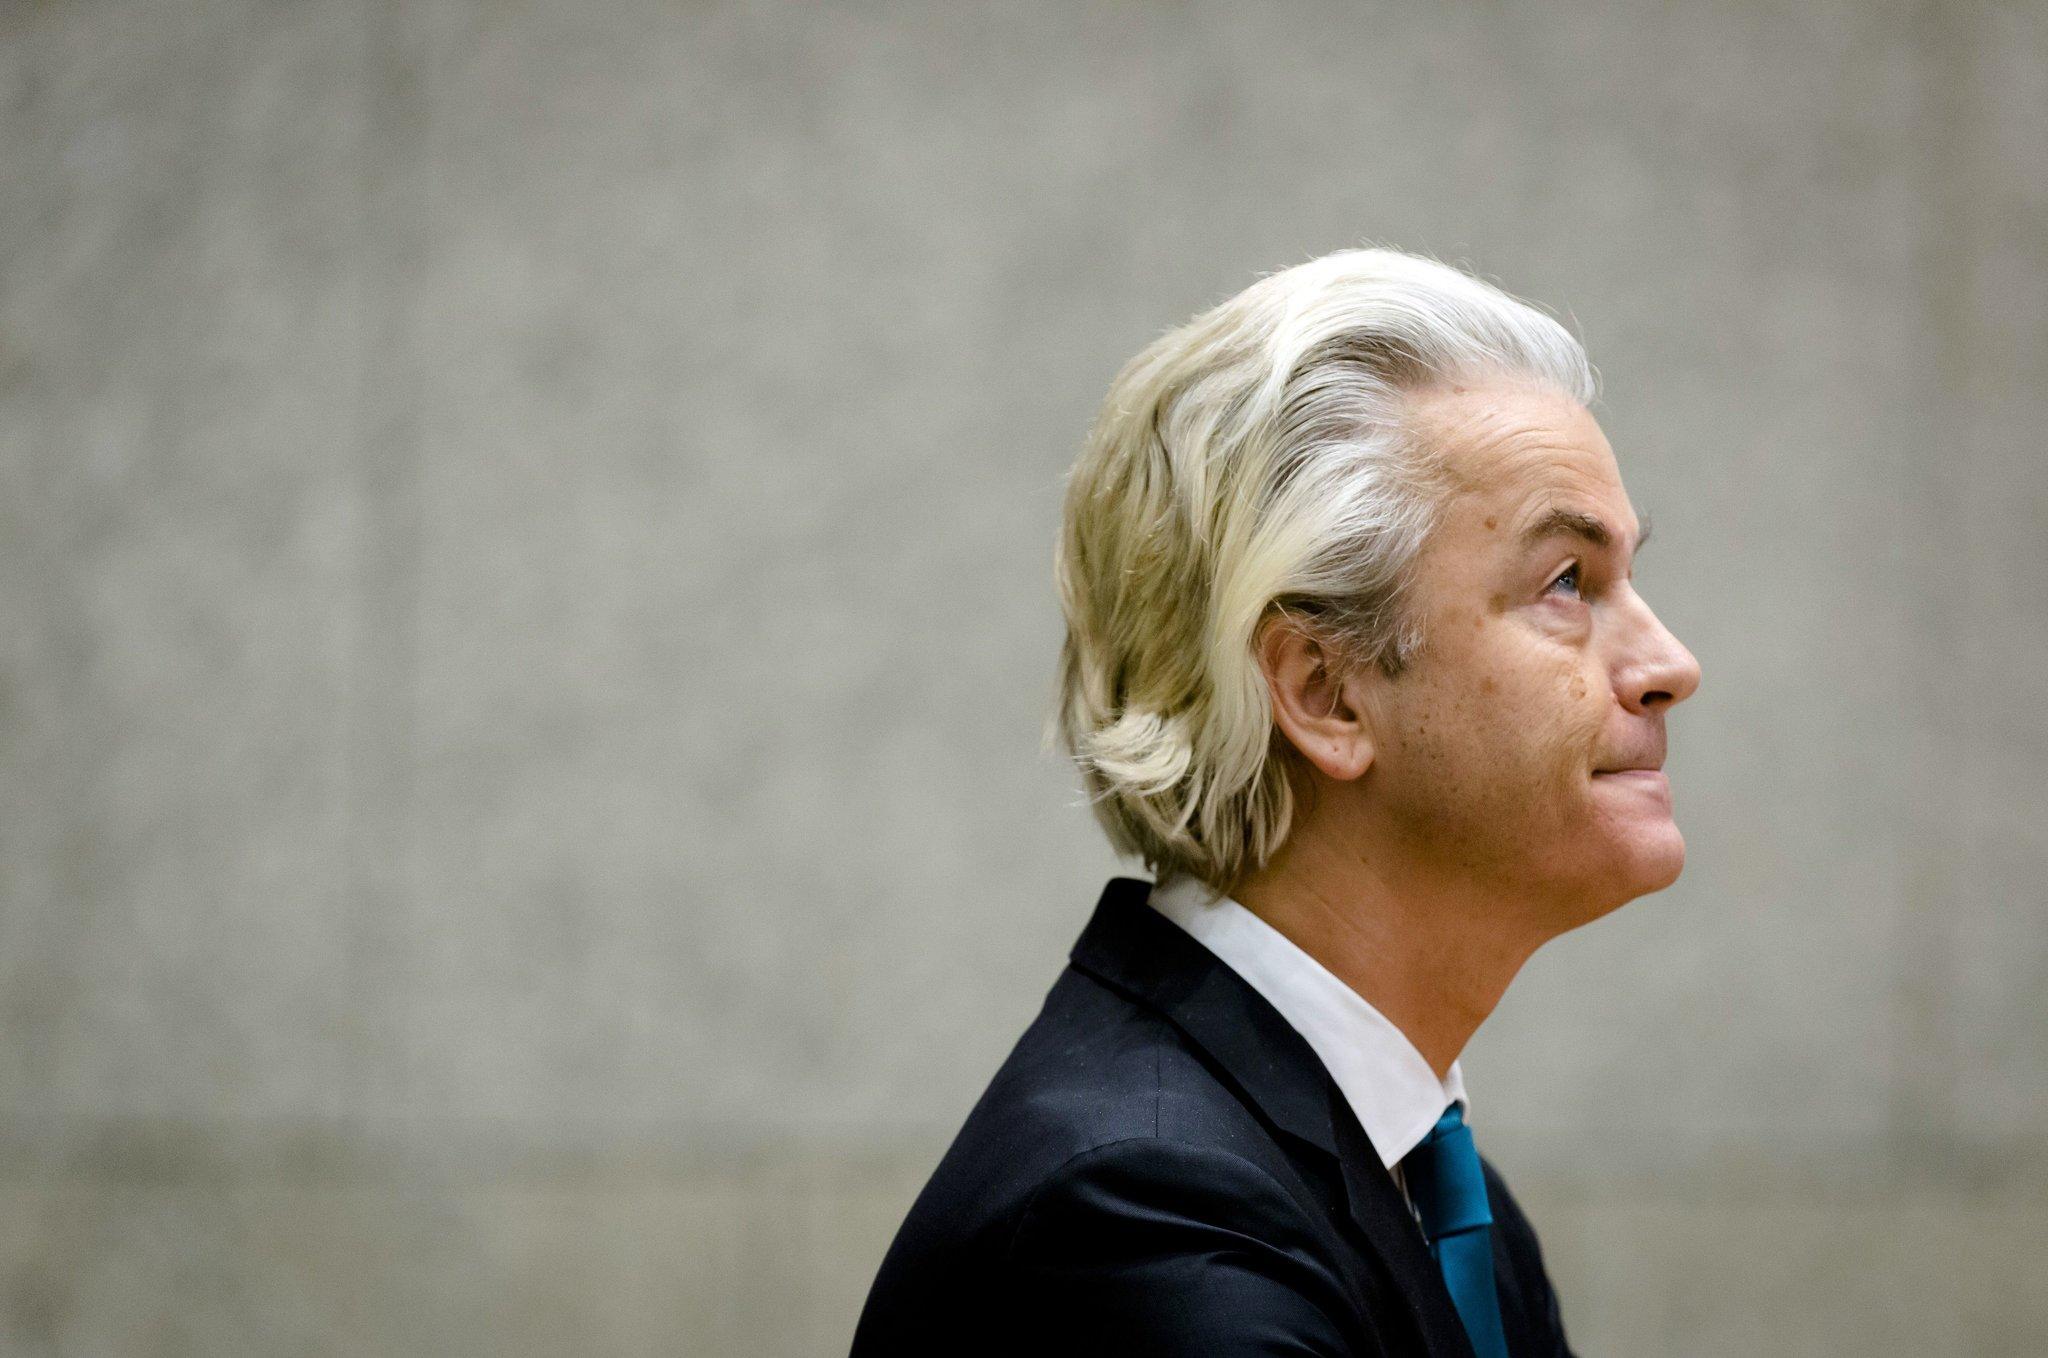 Aşırı sağcı Wilders'in